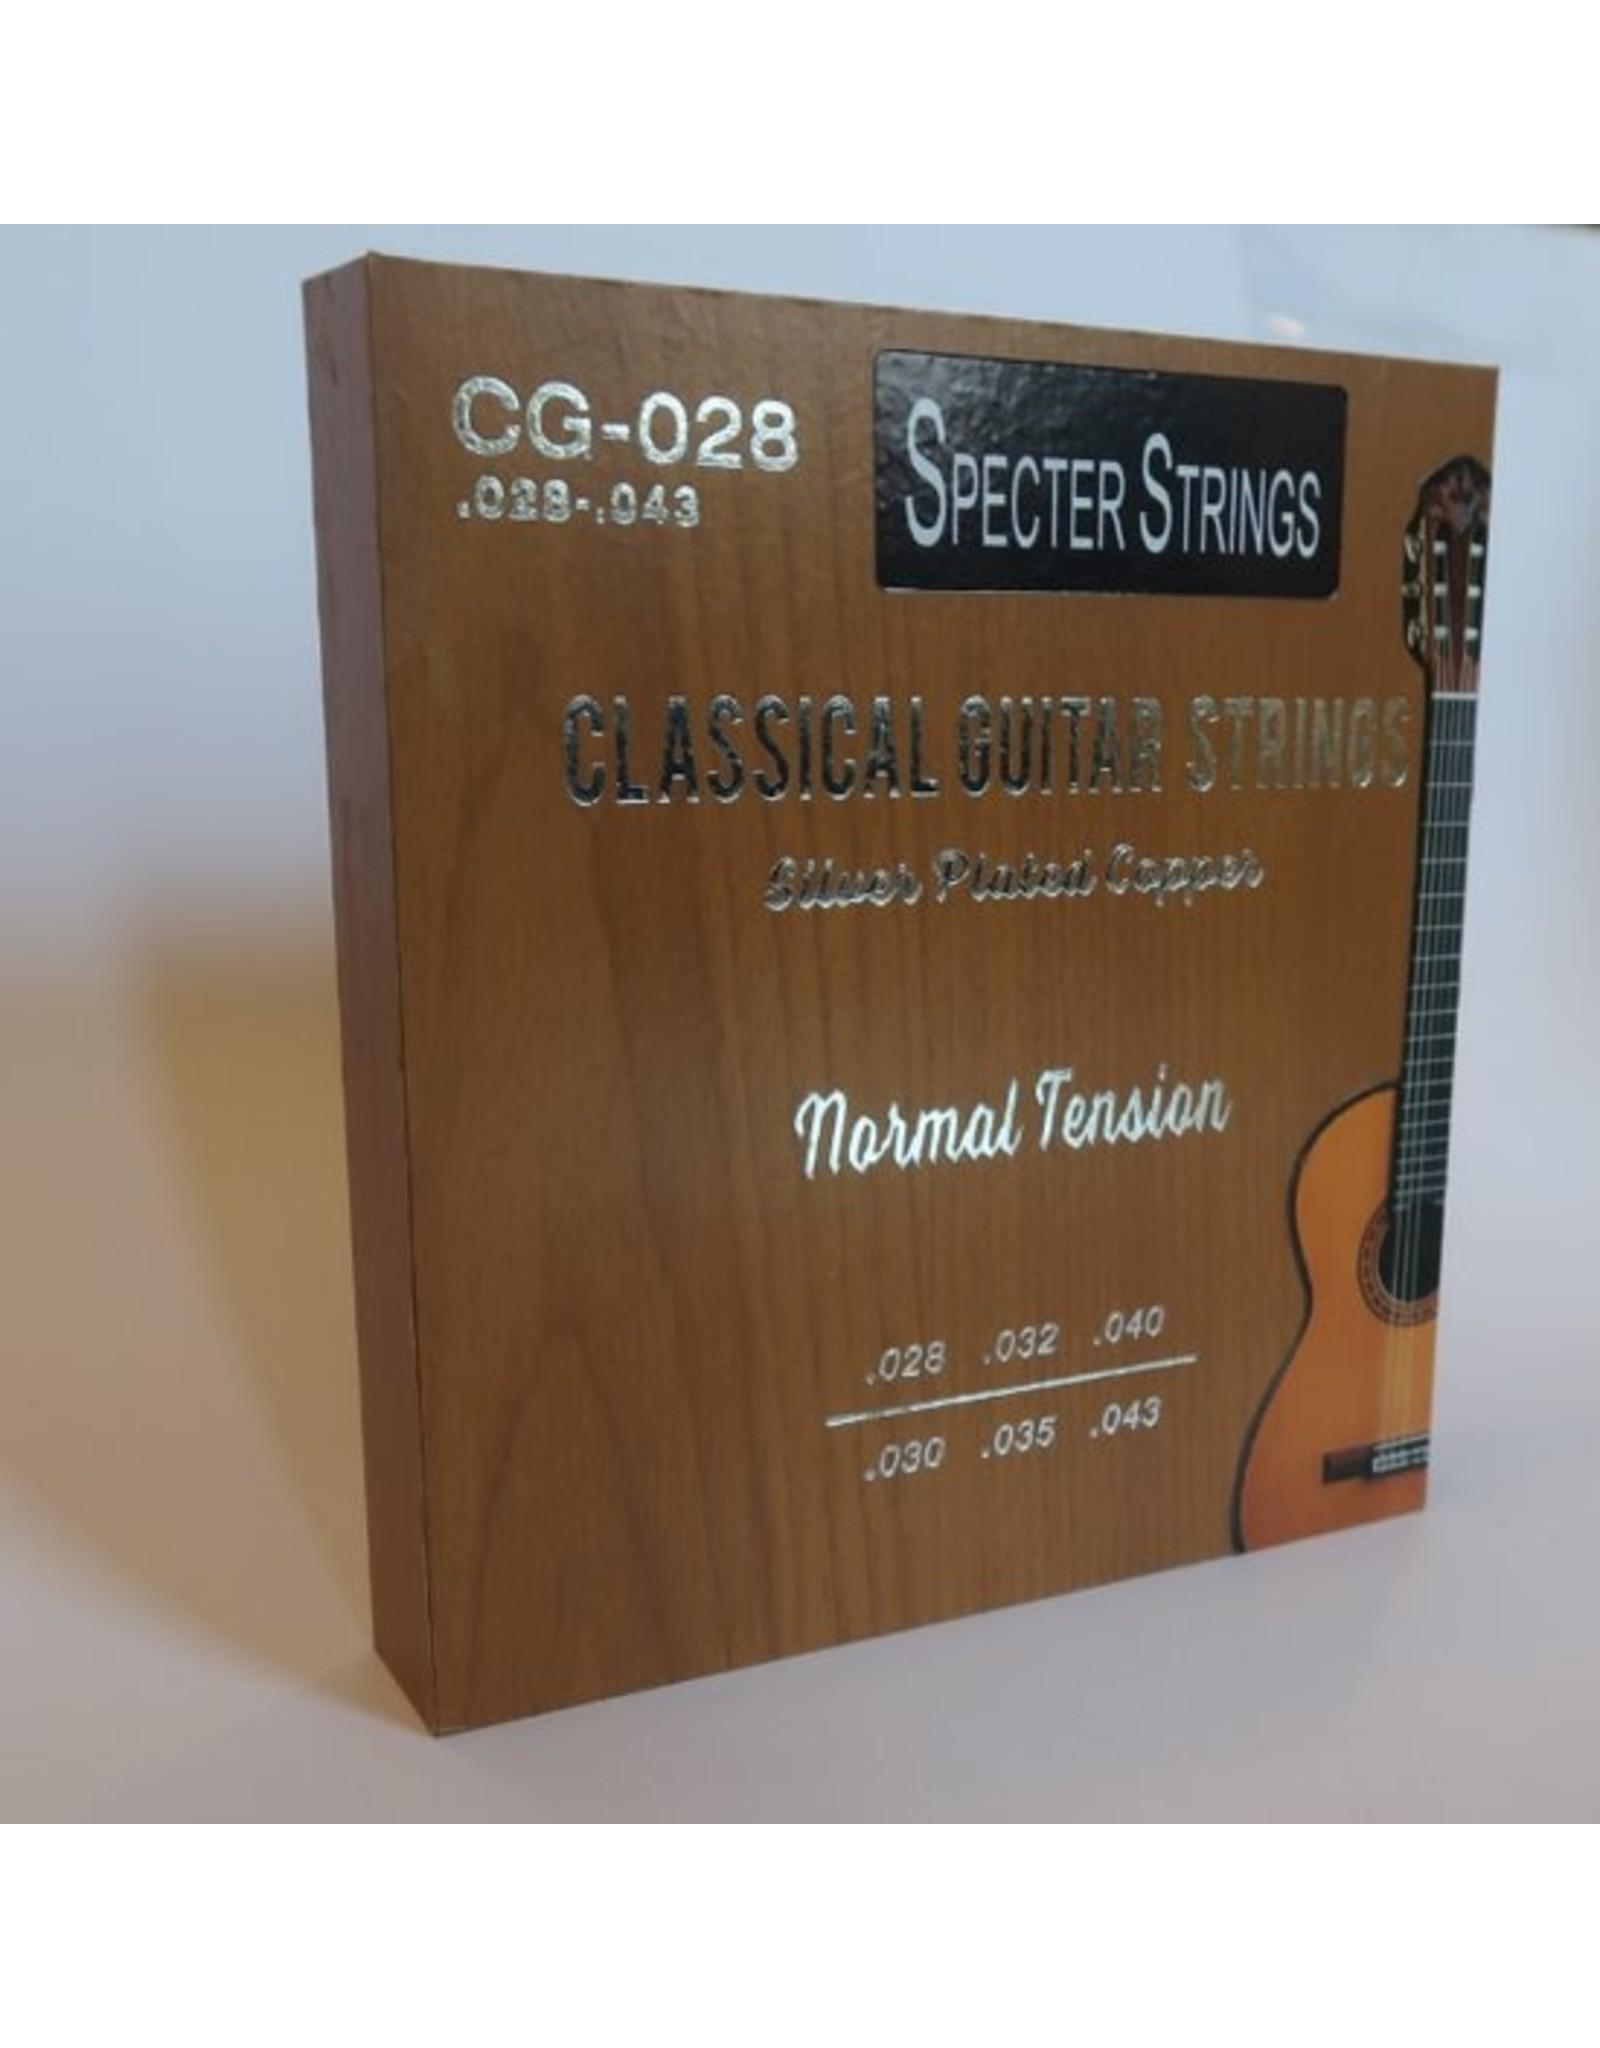 Specter Specter Strings professionele snaren voor de klassieke gitaar set .028 - snarenset